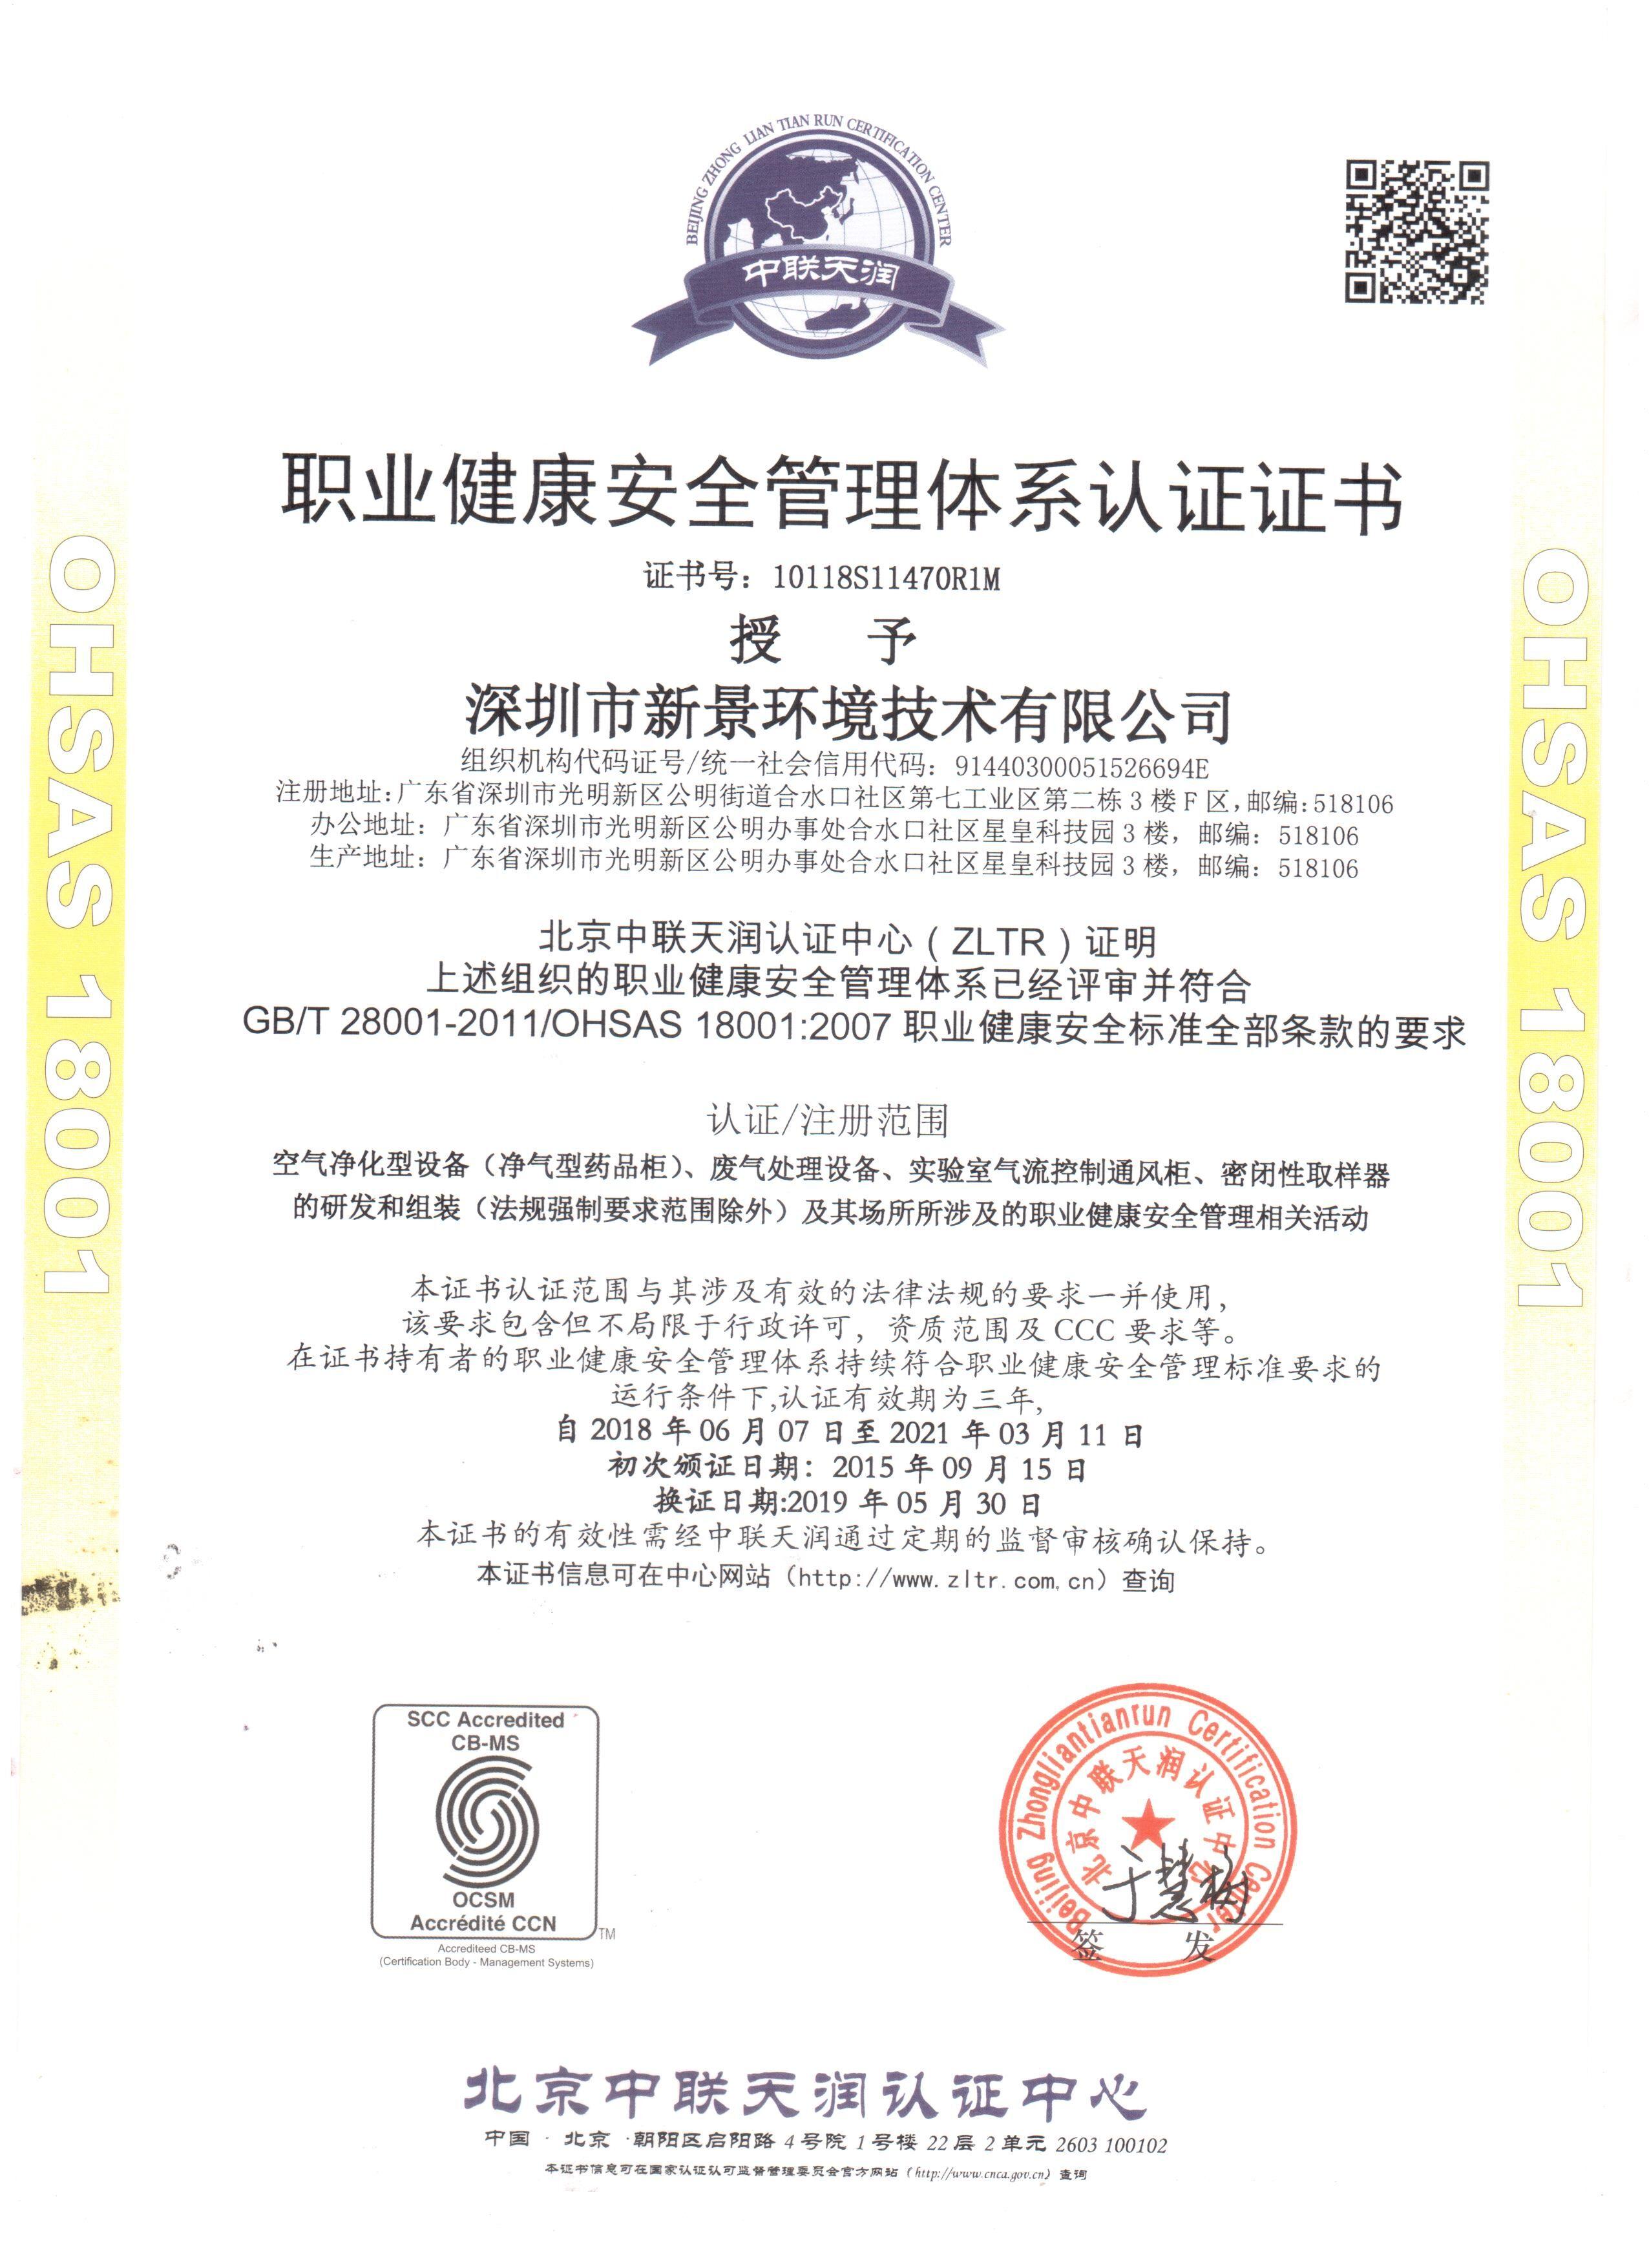 职业健康安全管理体系认证